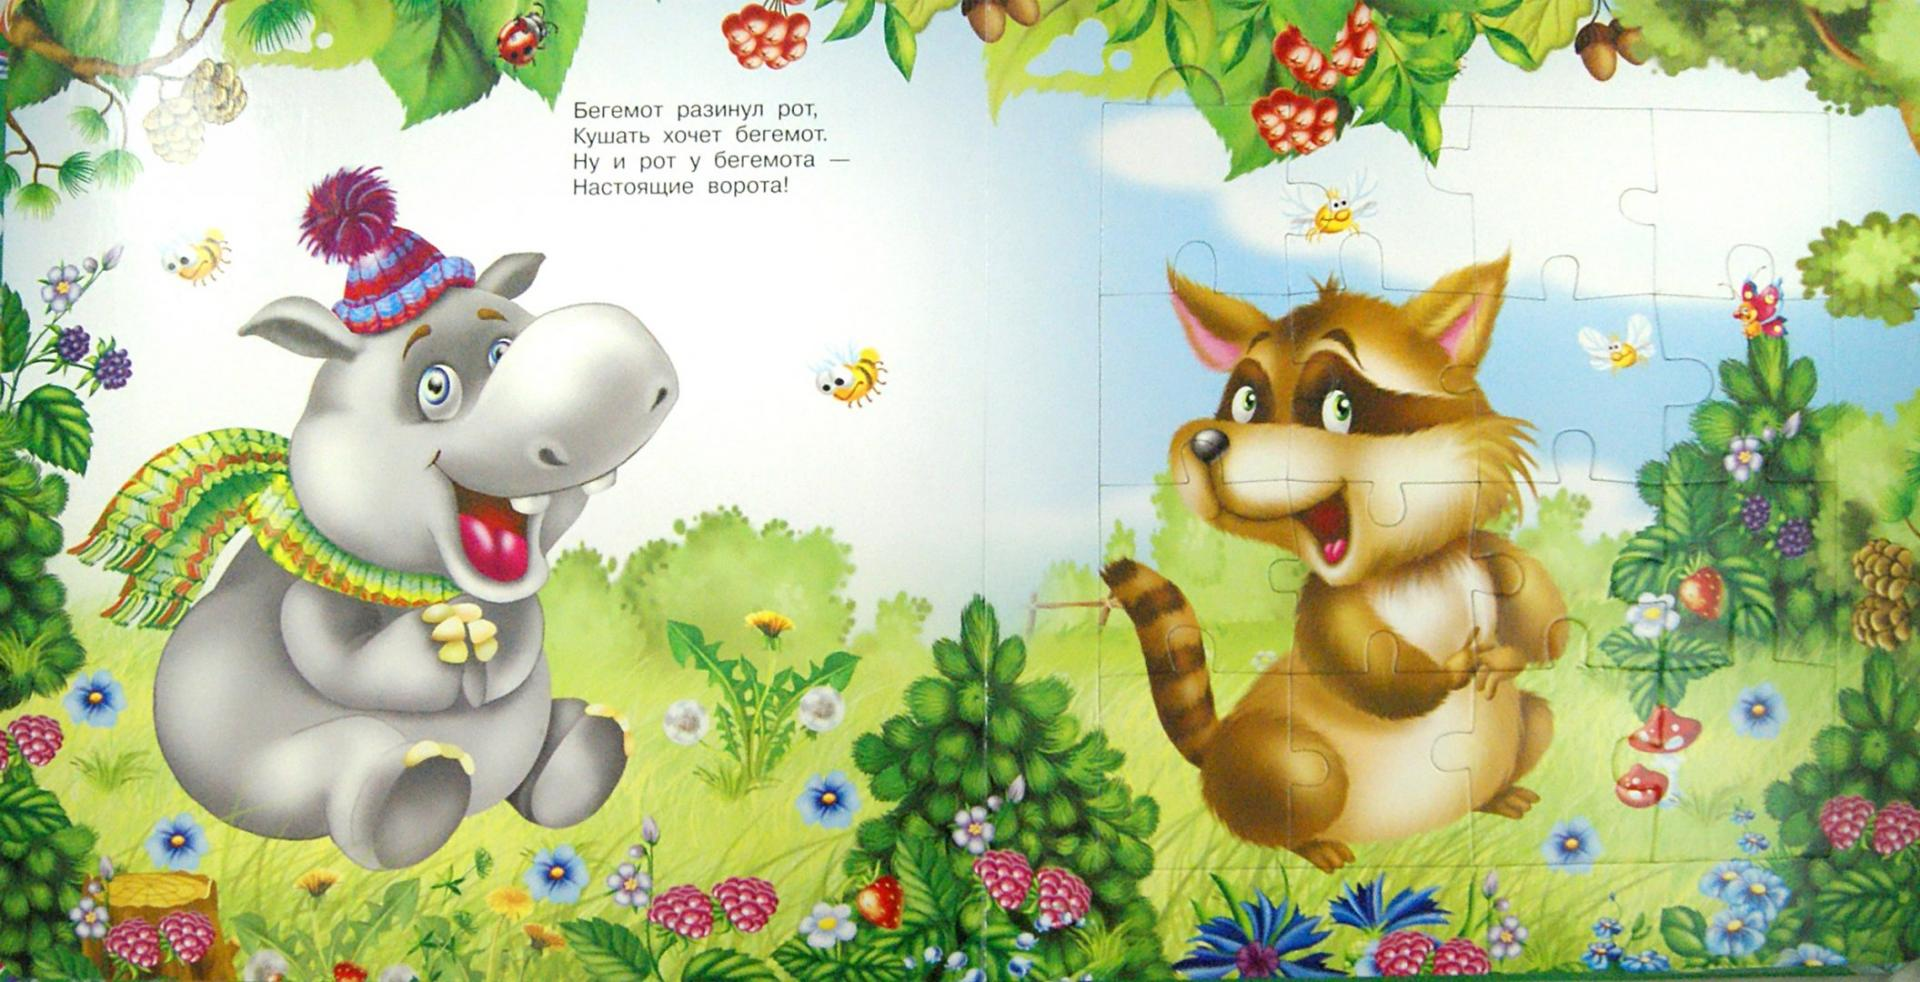 Иллюстрация 1 из 2 для Животные - А. Тимофеев | Лабиринт - книги. Источник: Лабиринт